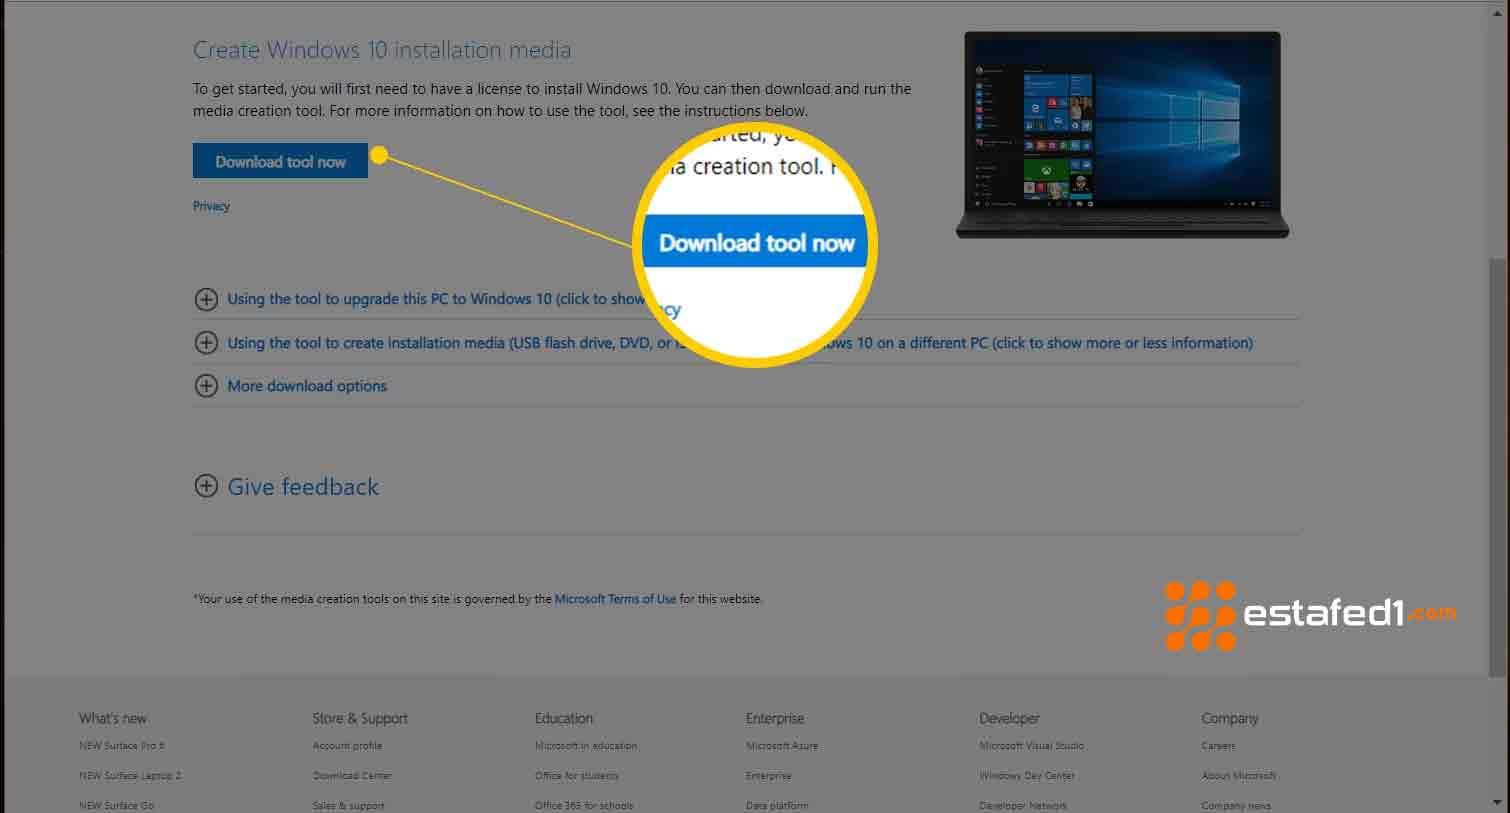 شرح تحميل ويندوز 10 برو الخطوة الأولي